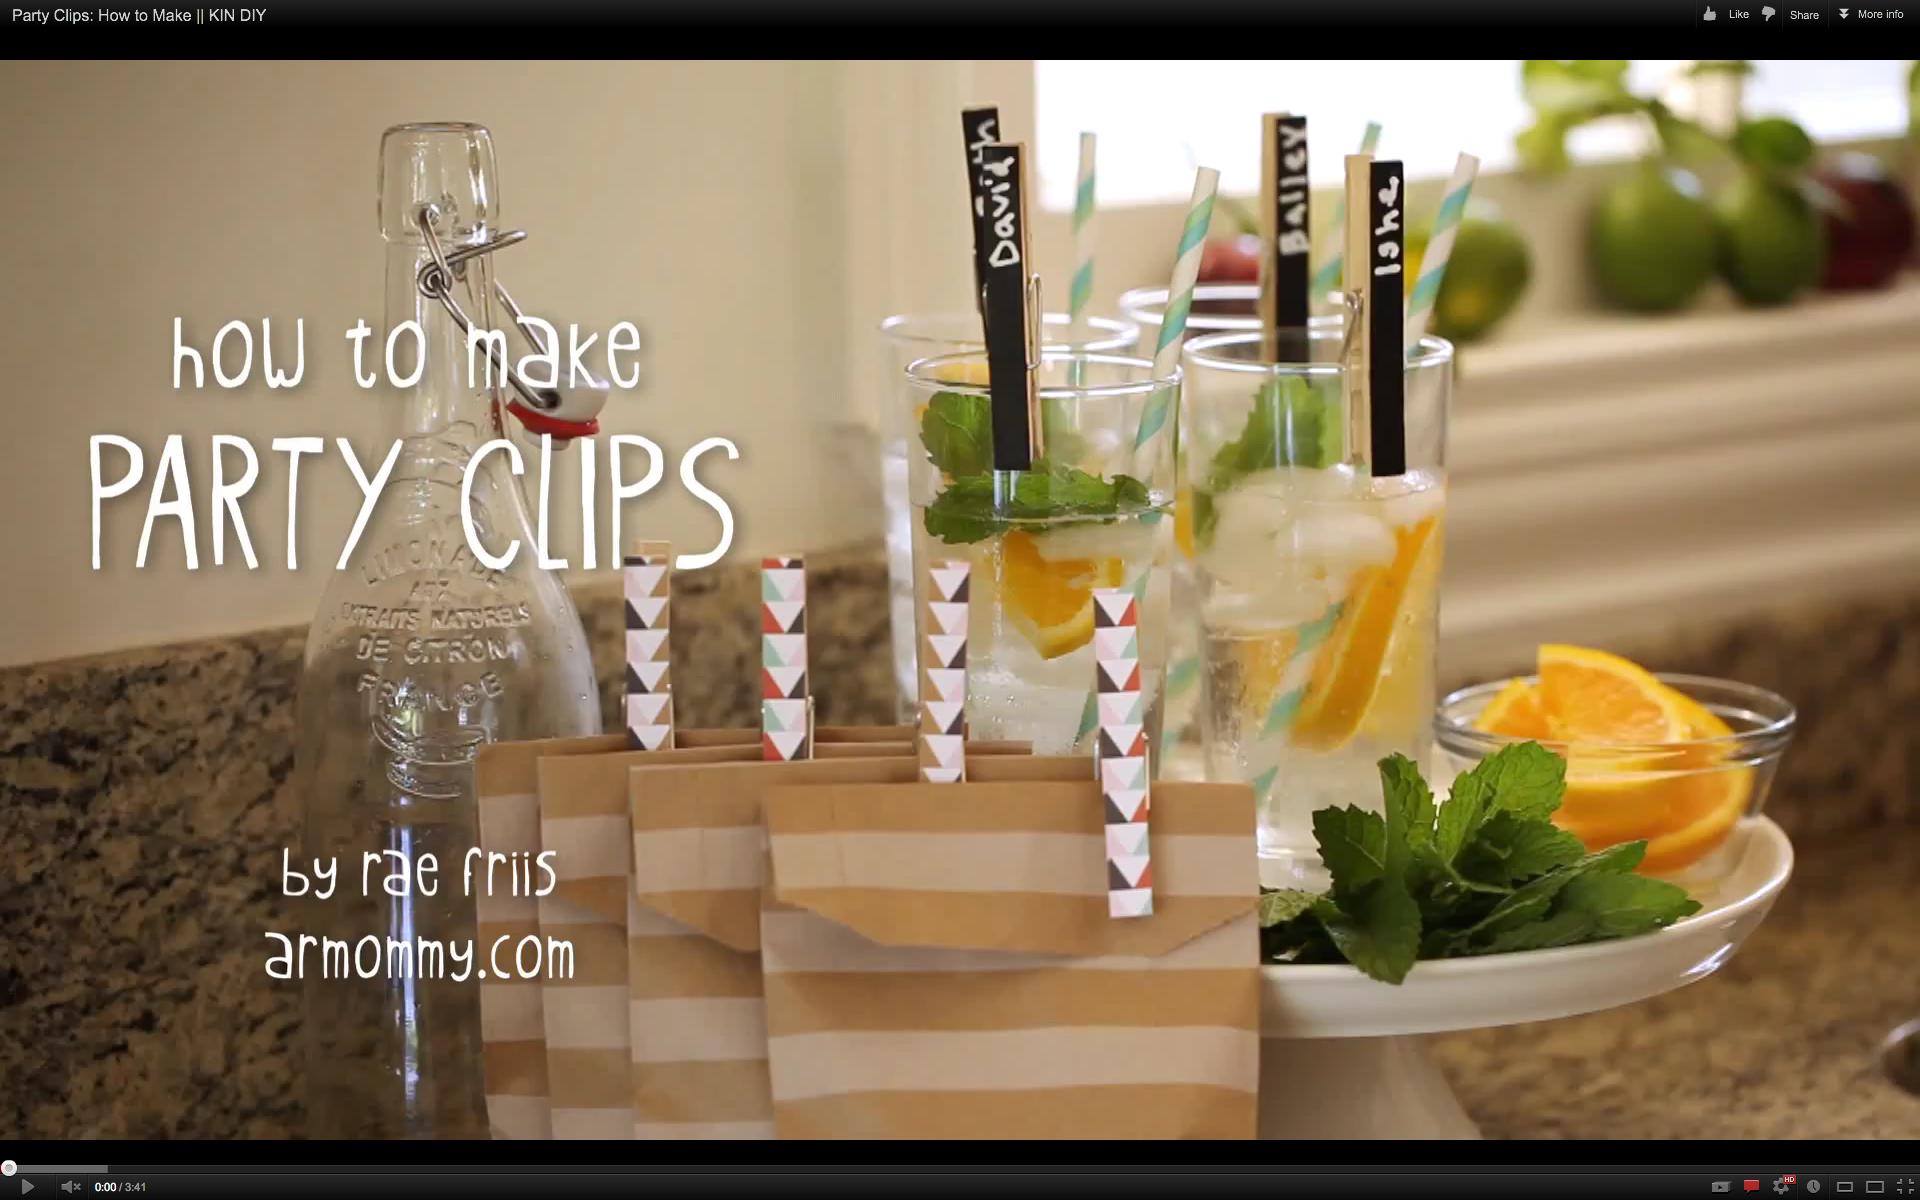 DIY chalkboard clips armommy